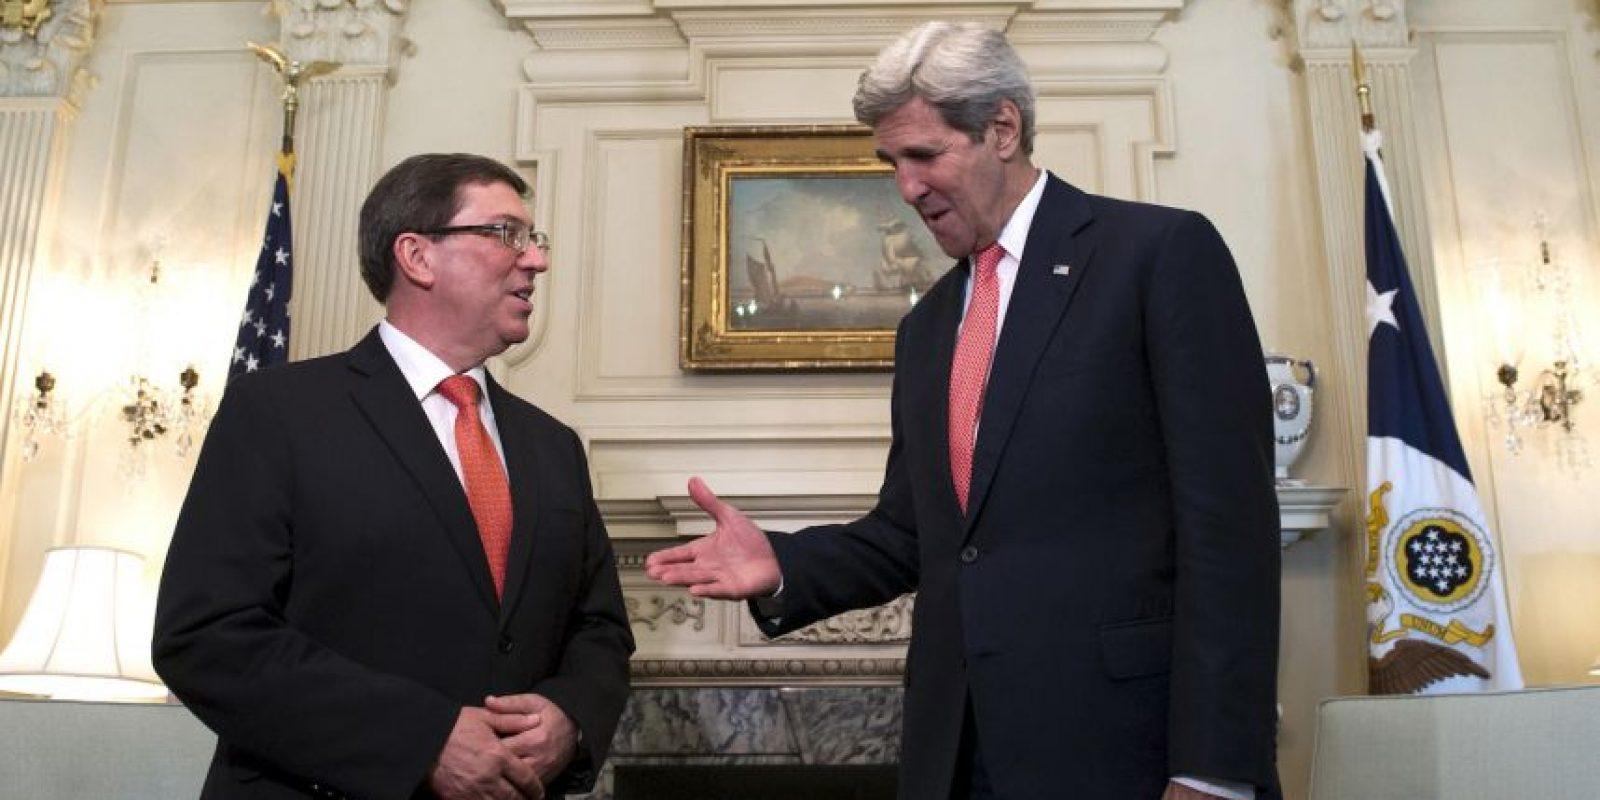 La mayoría de los encuestados apoya los pasos que se están logrando para restablecer relaciones diplomáticas. Foto:AFP